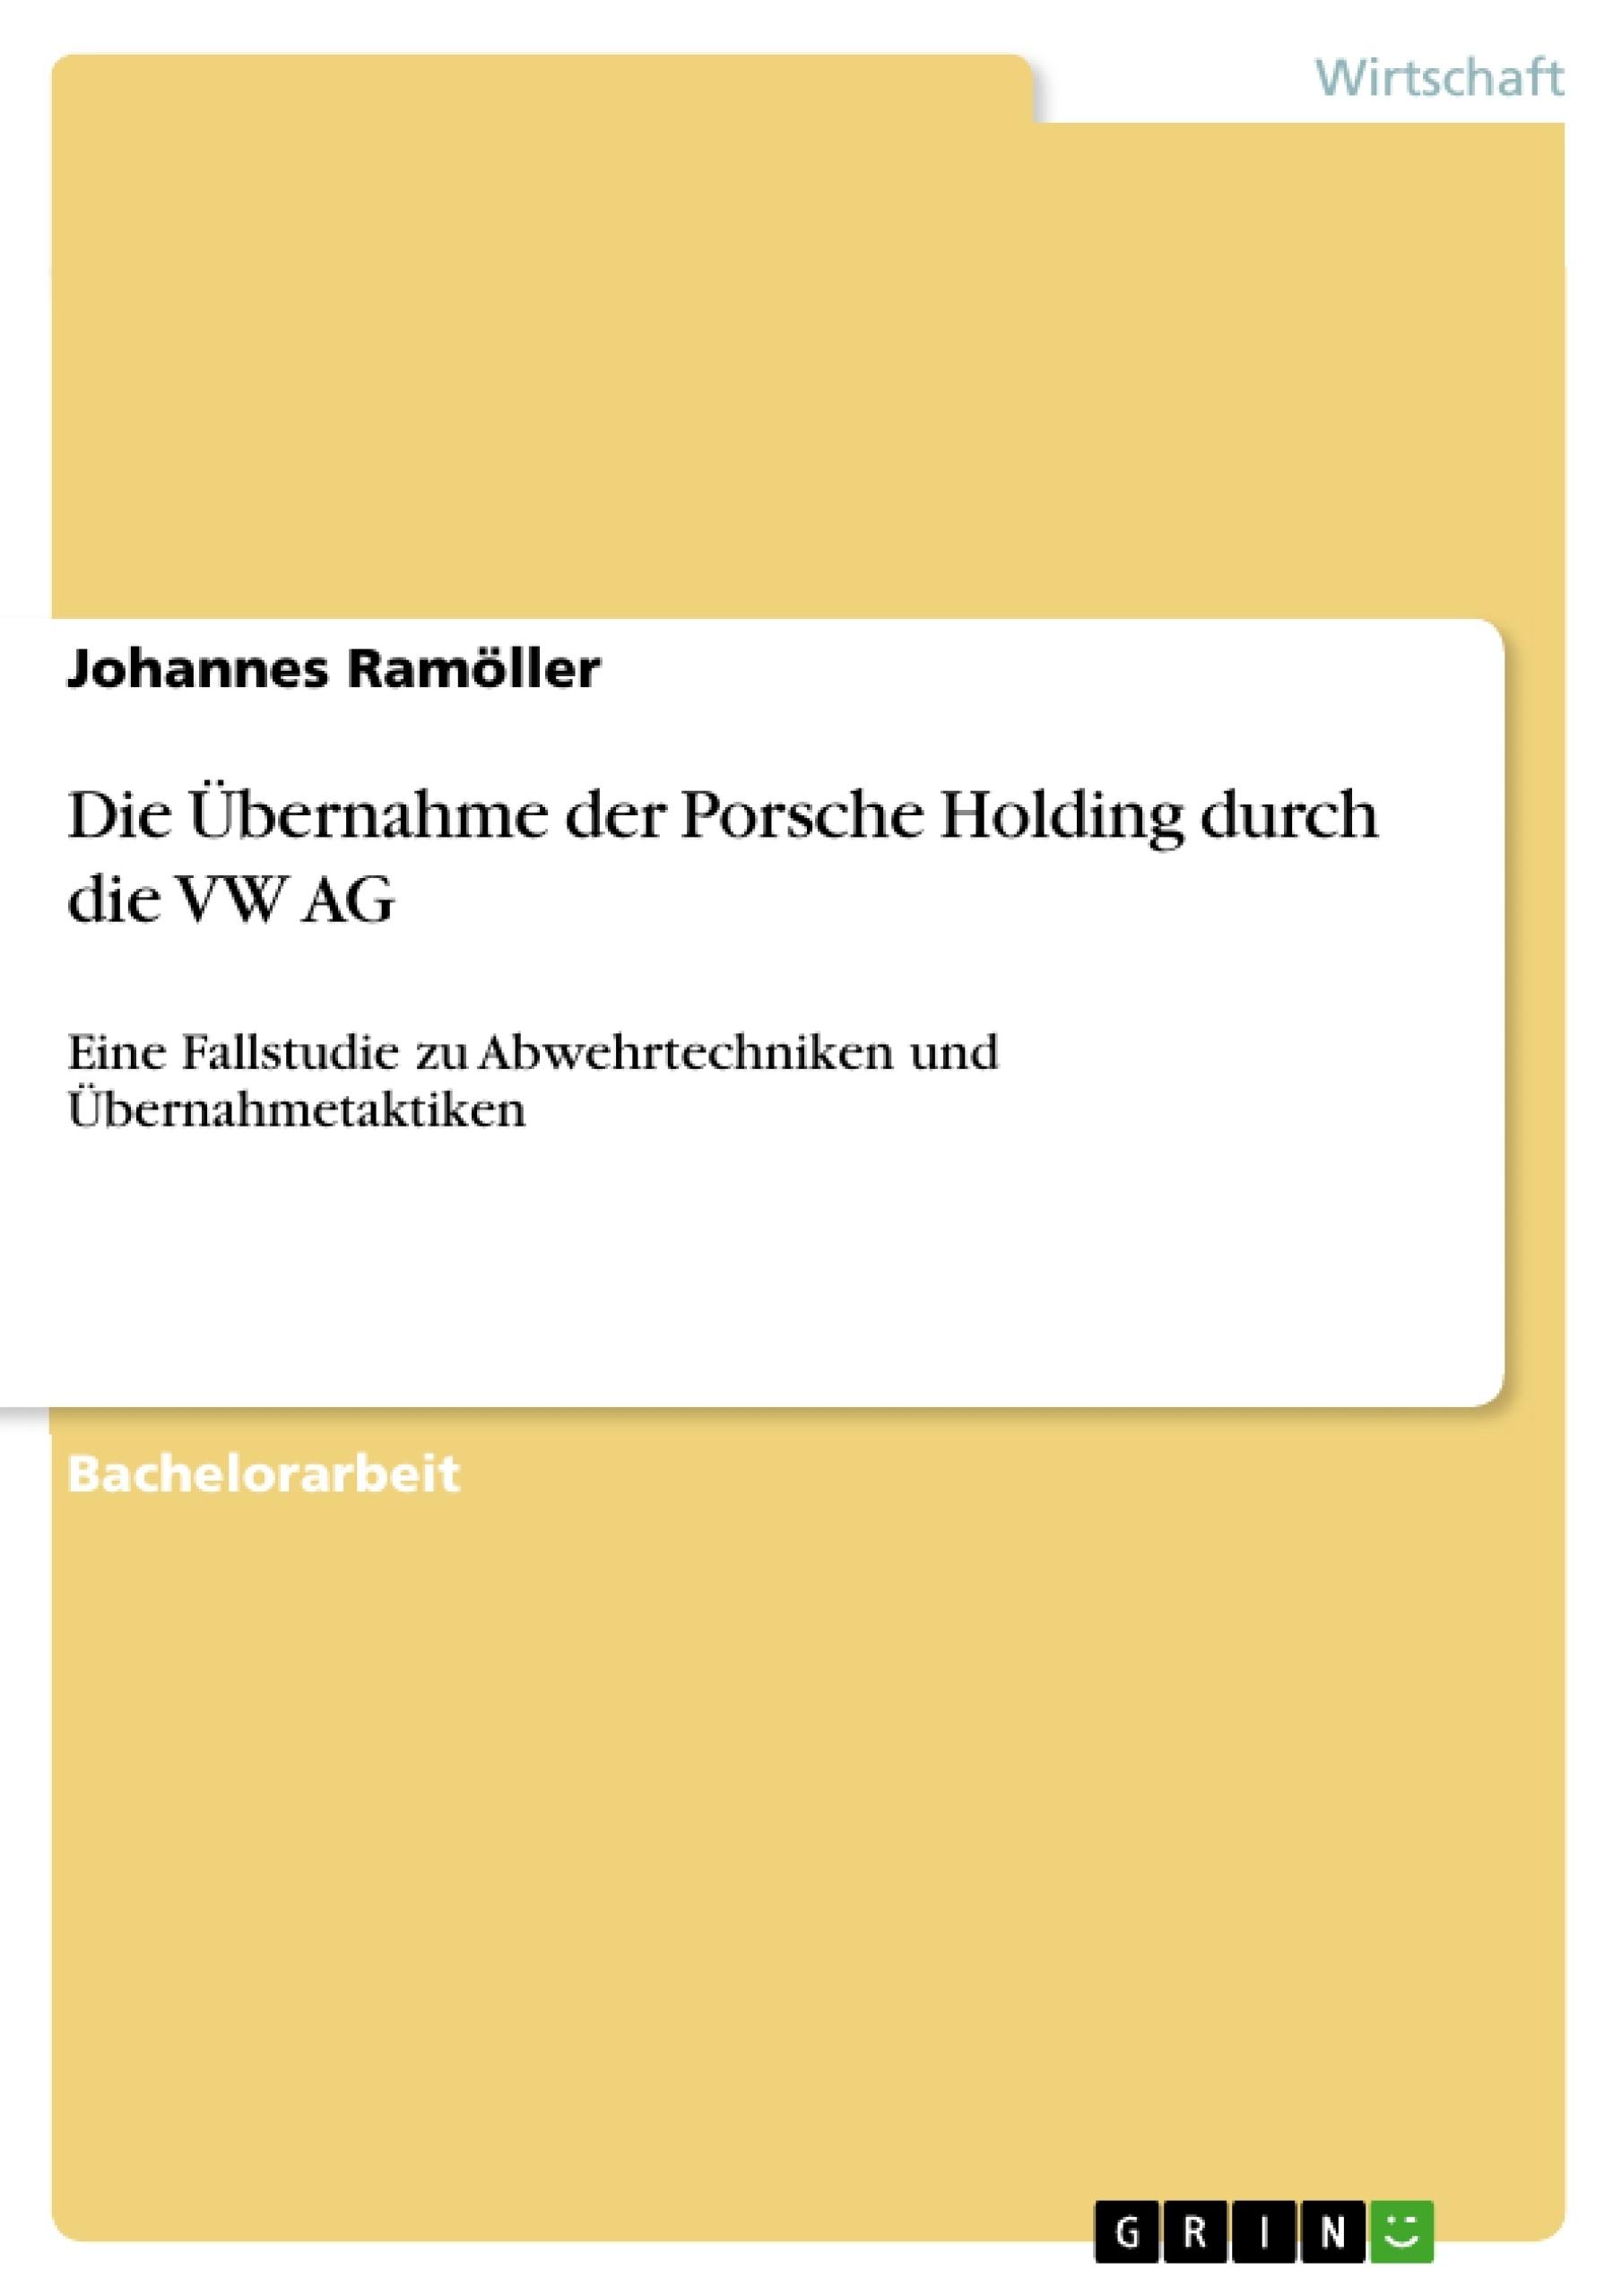 Titel: Die Übernahme der Porsche Holding durch die VW AG